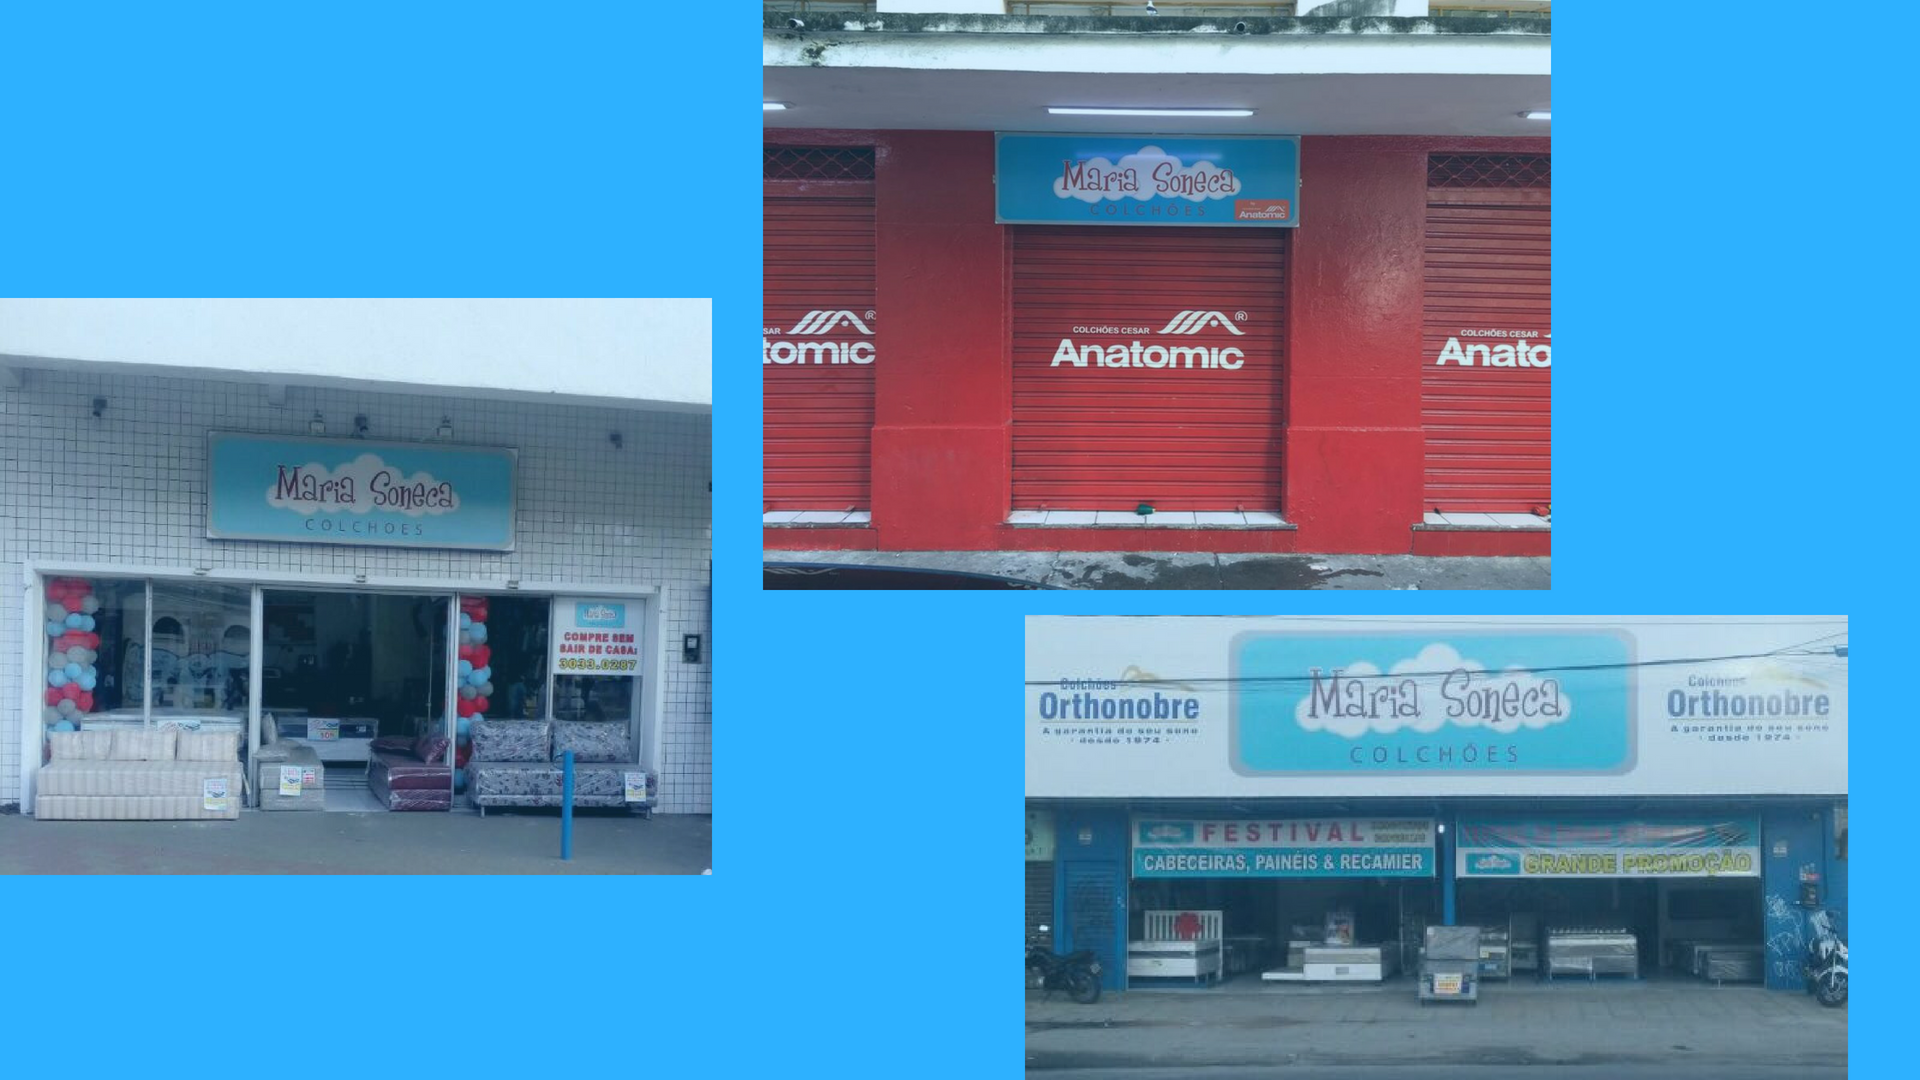 Conheça o Endereço de Nossas Lojas   Maria Soneca Colchões e21d482303